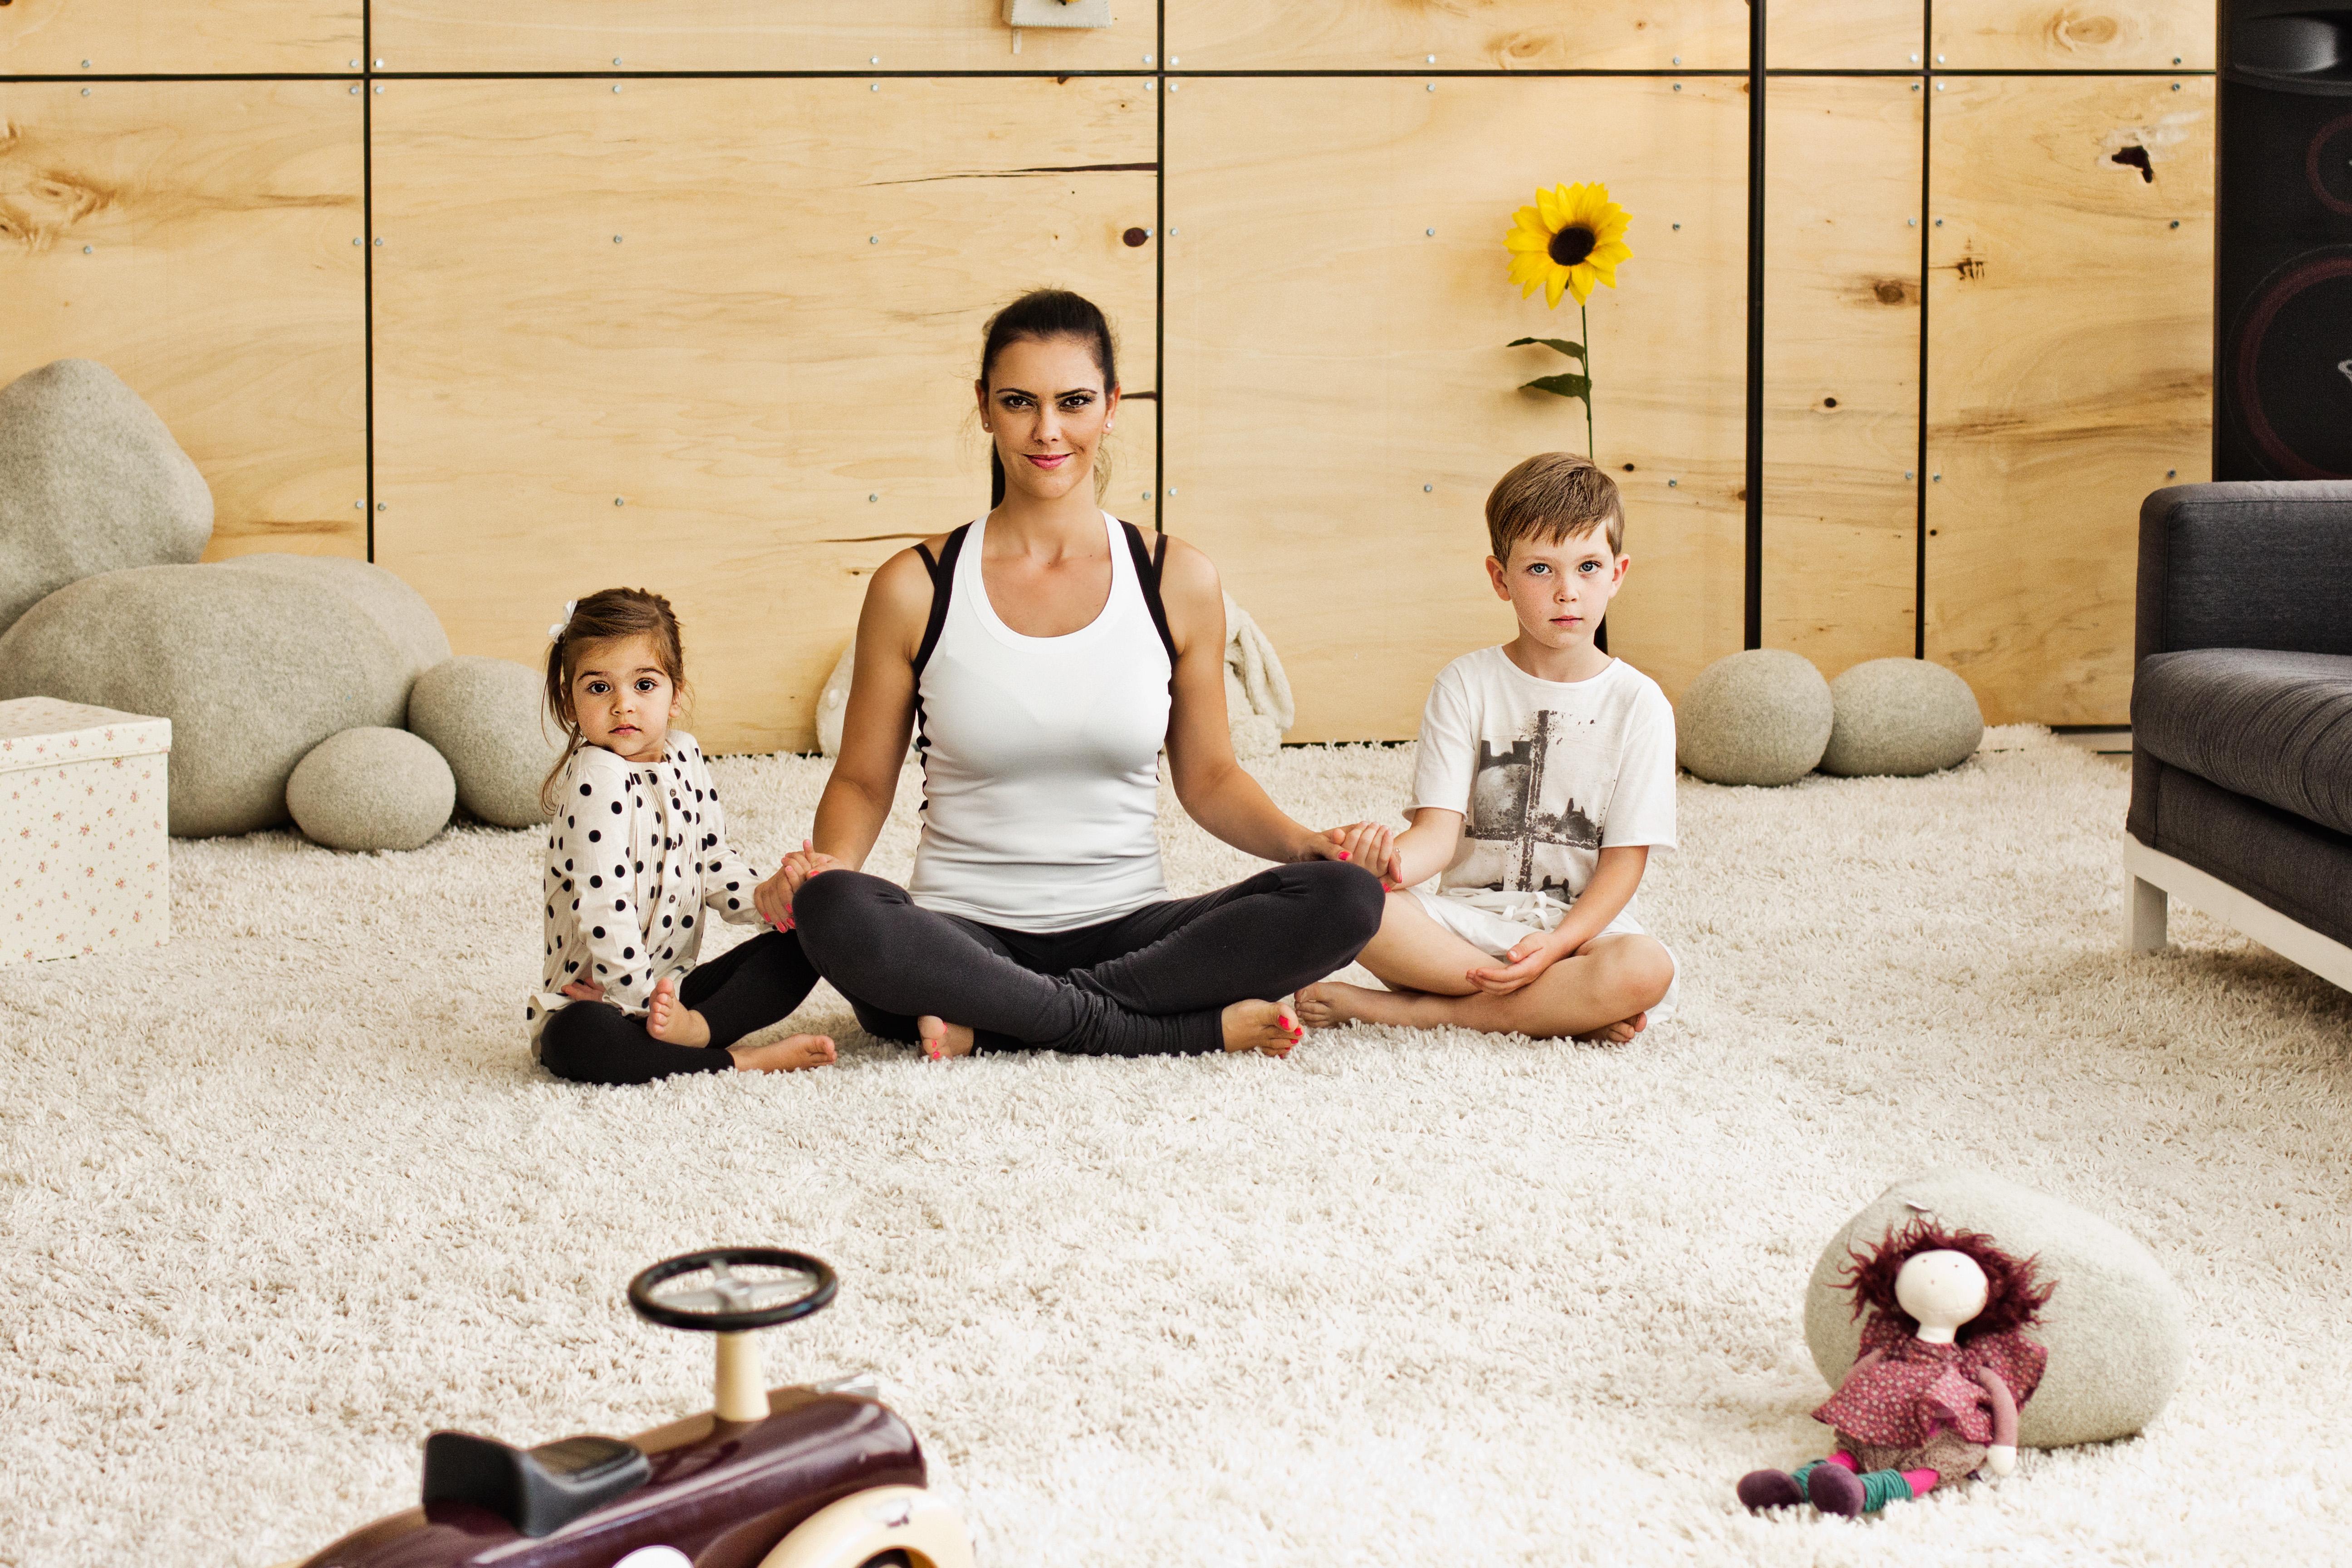 Йога учи децата да уважават себе си и околните